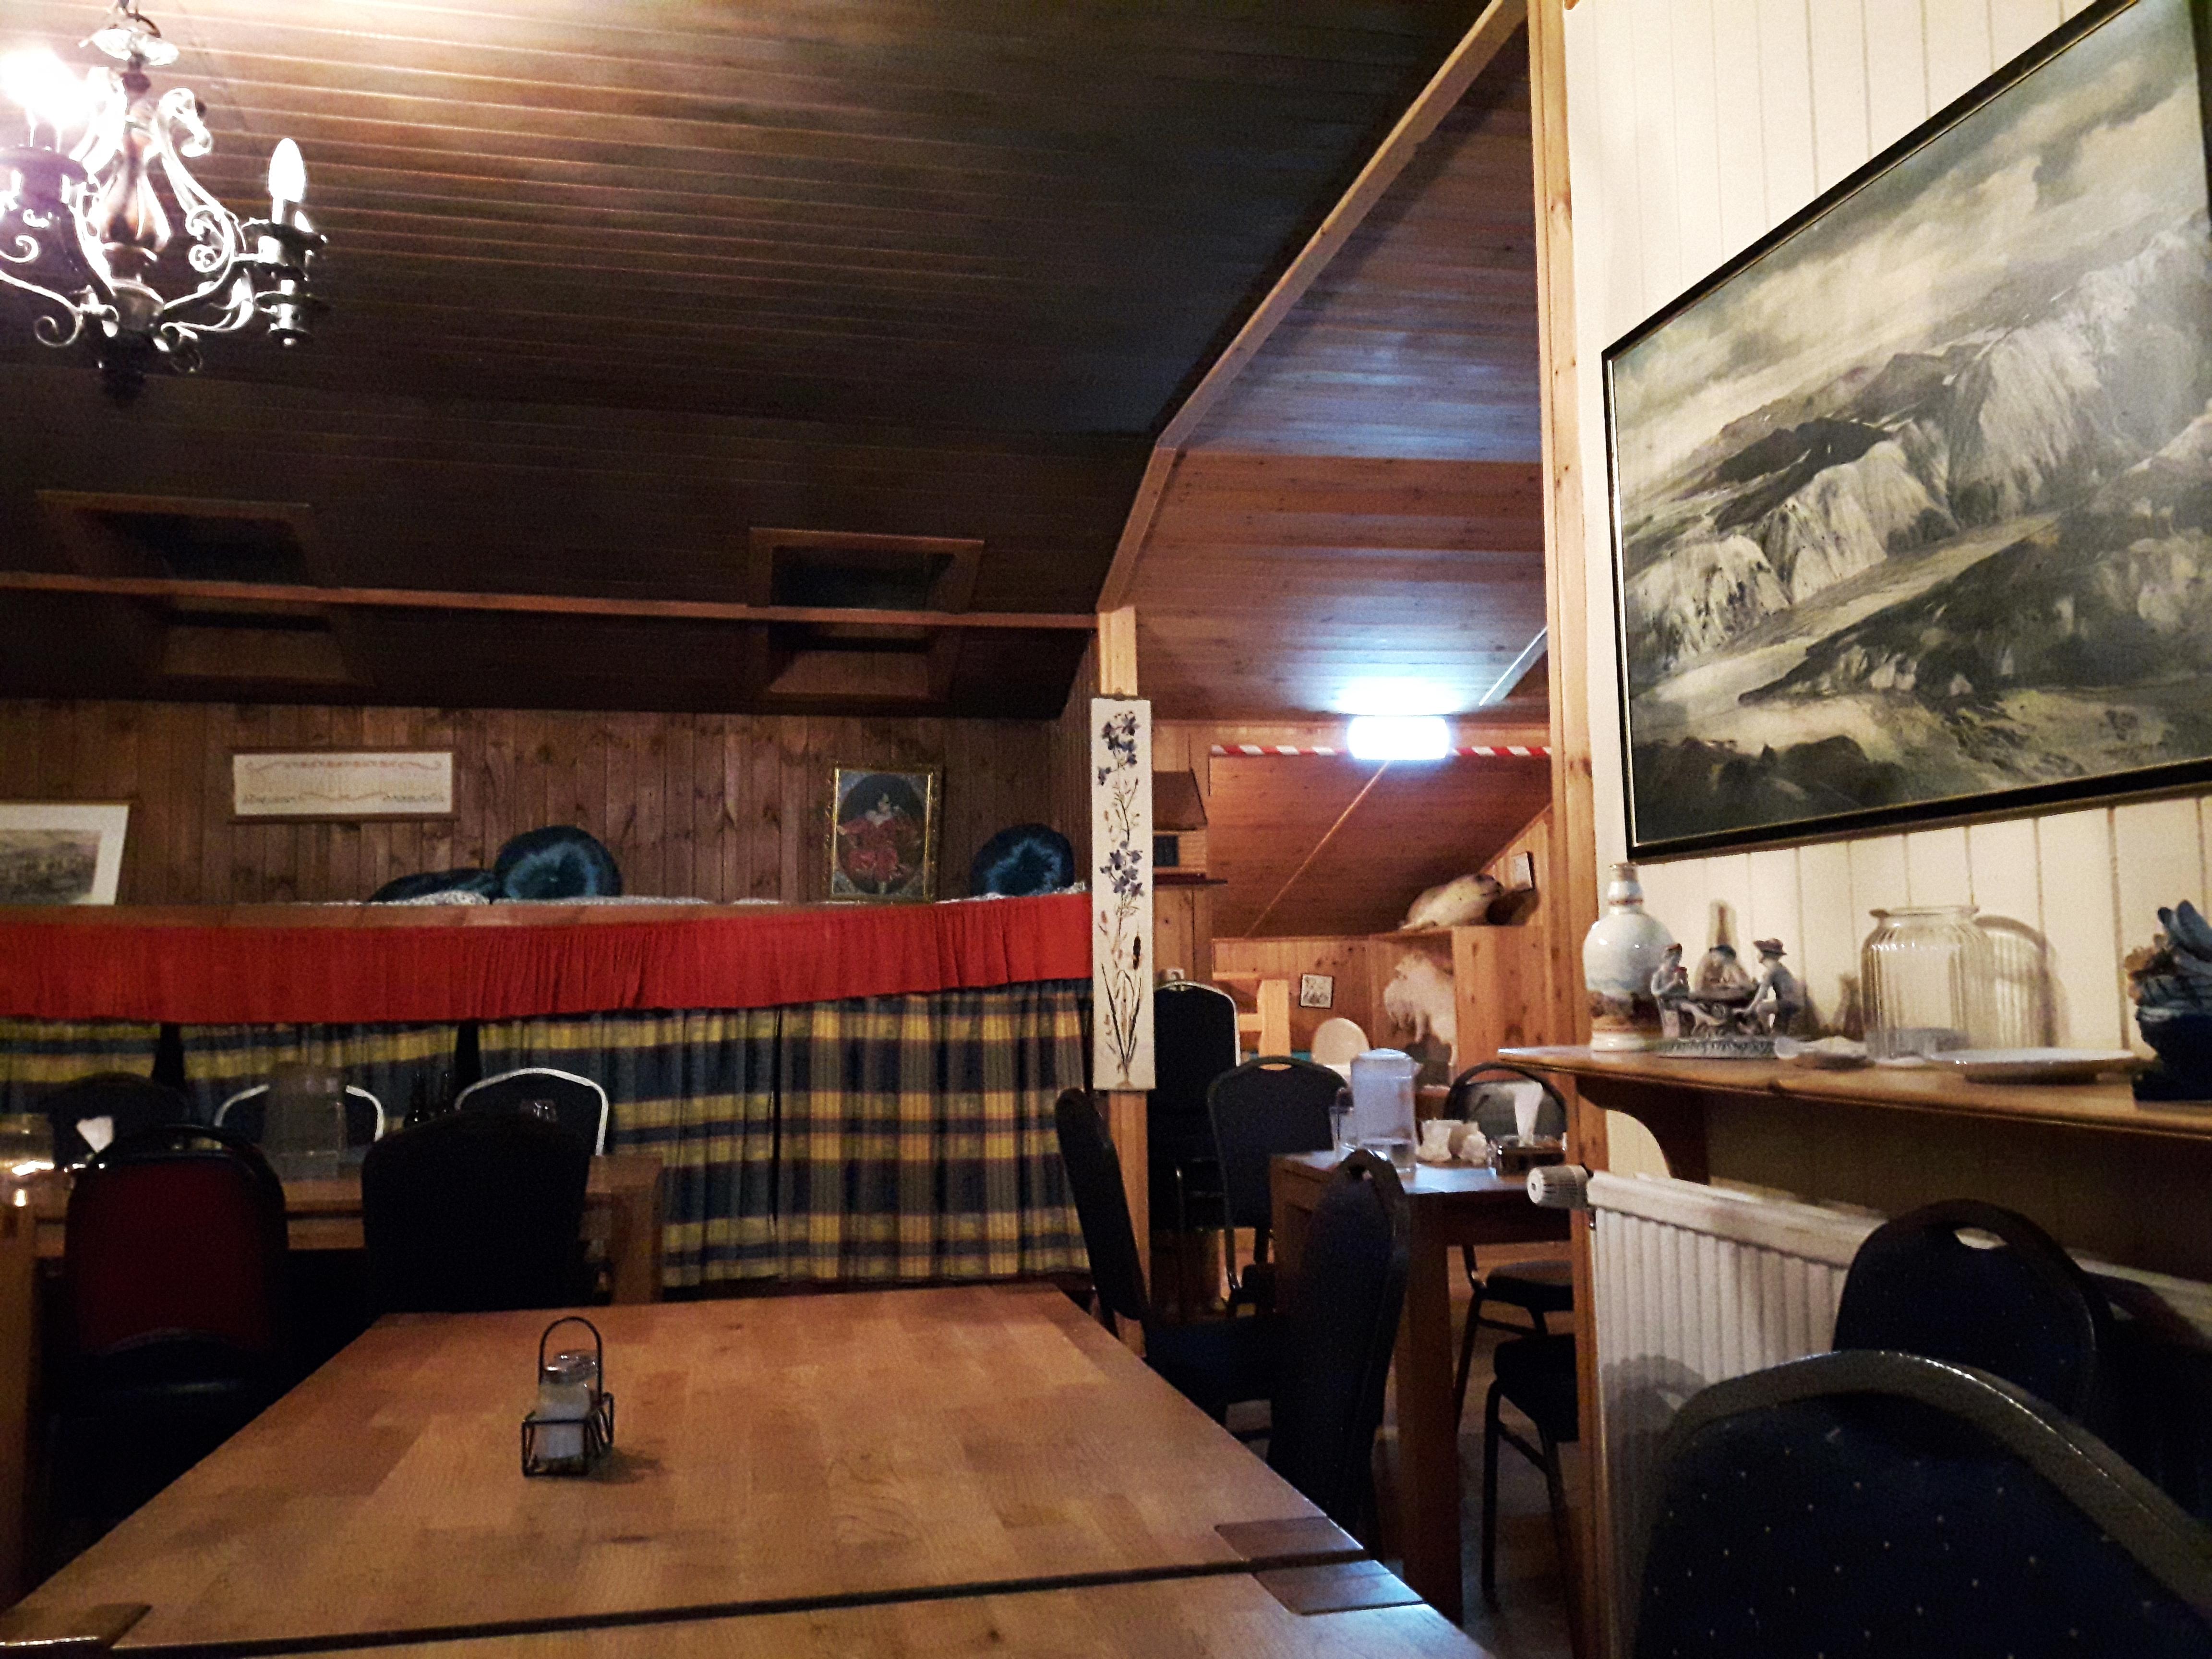 Saegreifinn_Restaurant_Reykjavik_Iceland